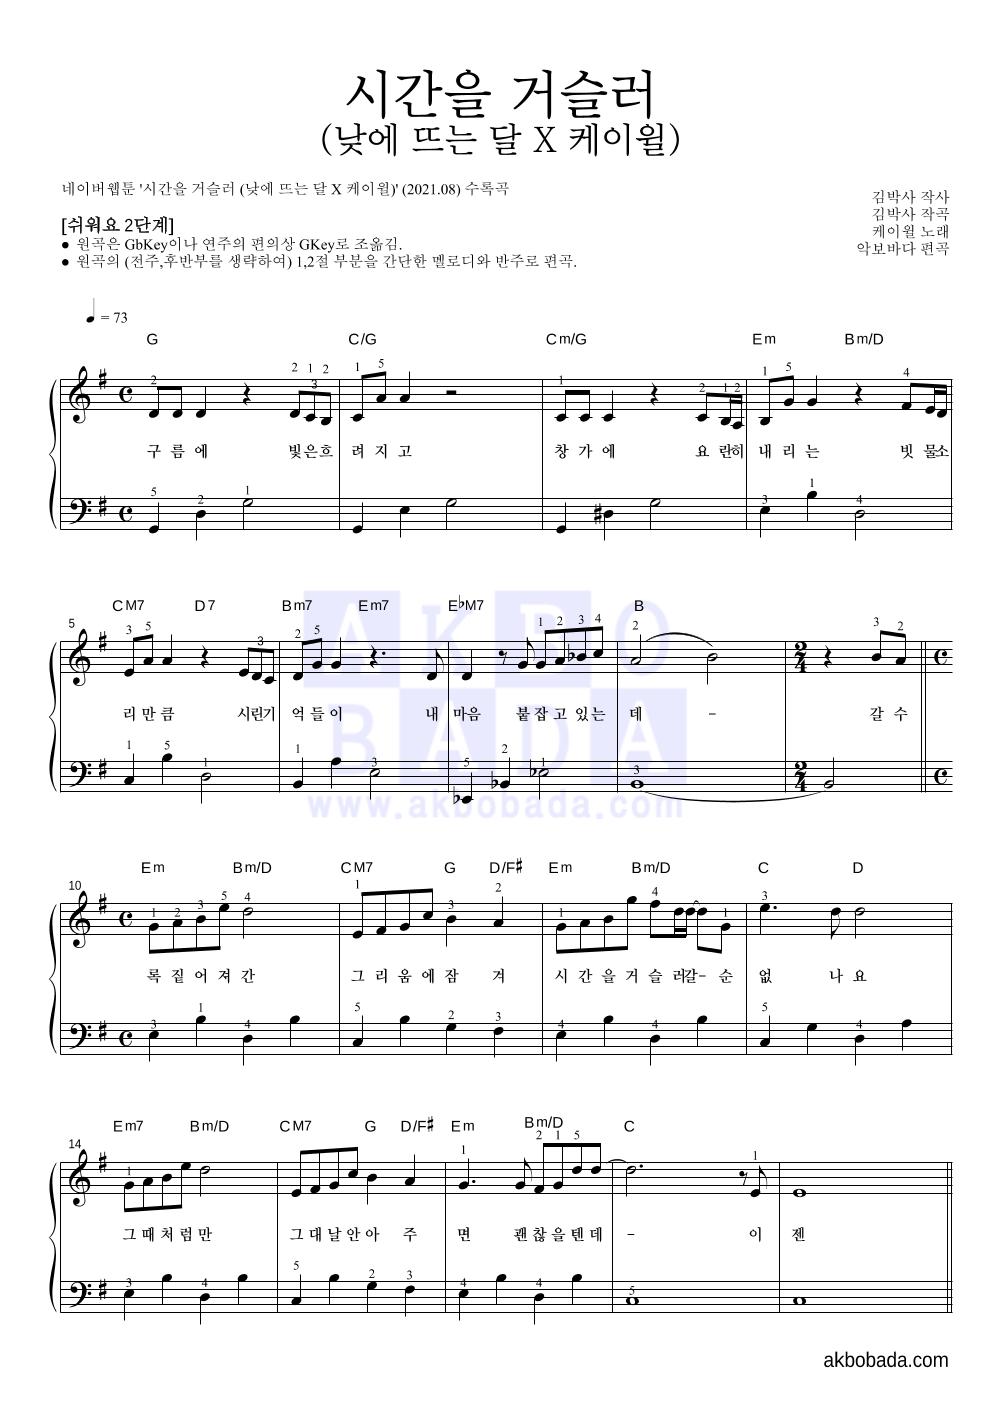 케이윌 - 시간을 거슬러 (낮에 뜨는 달 X 케이윌) 피아노2단-쉬워요 악보